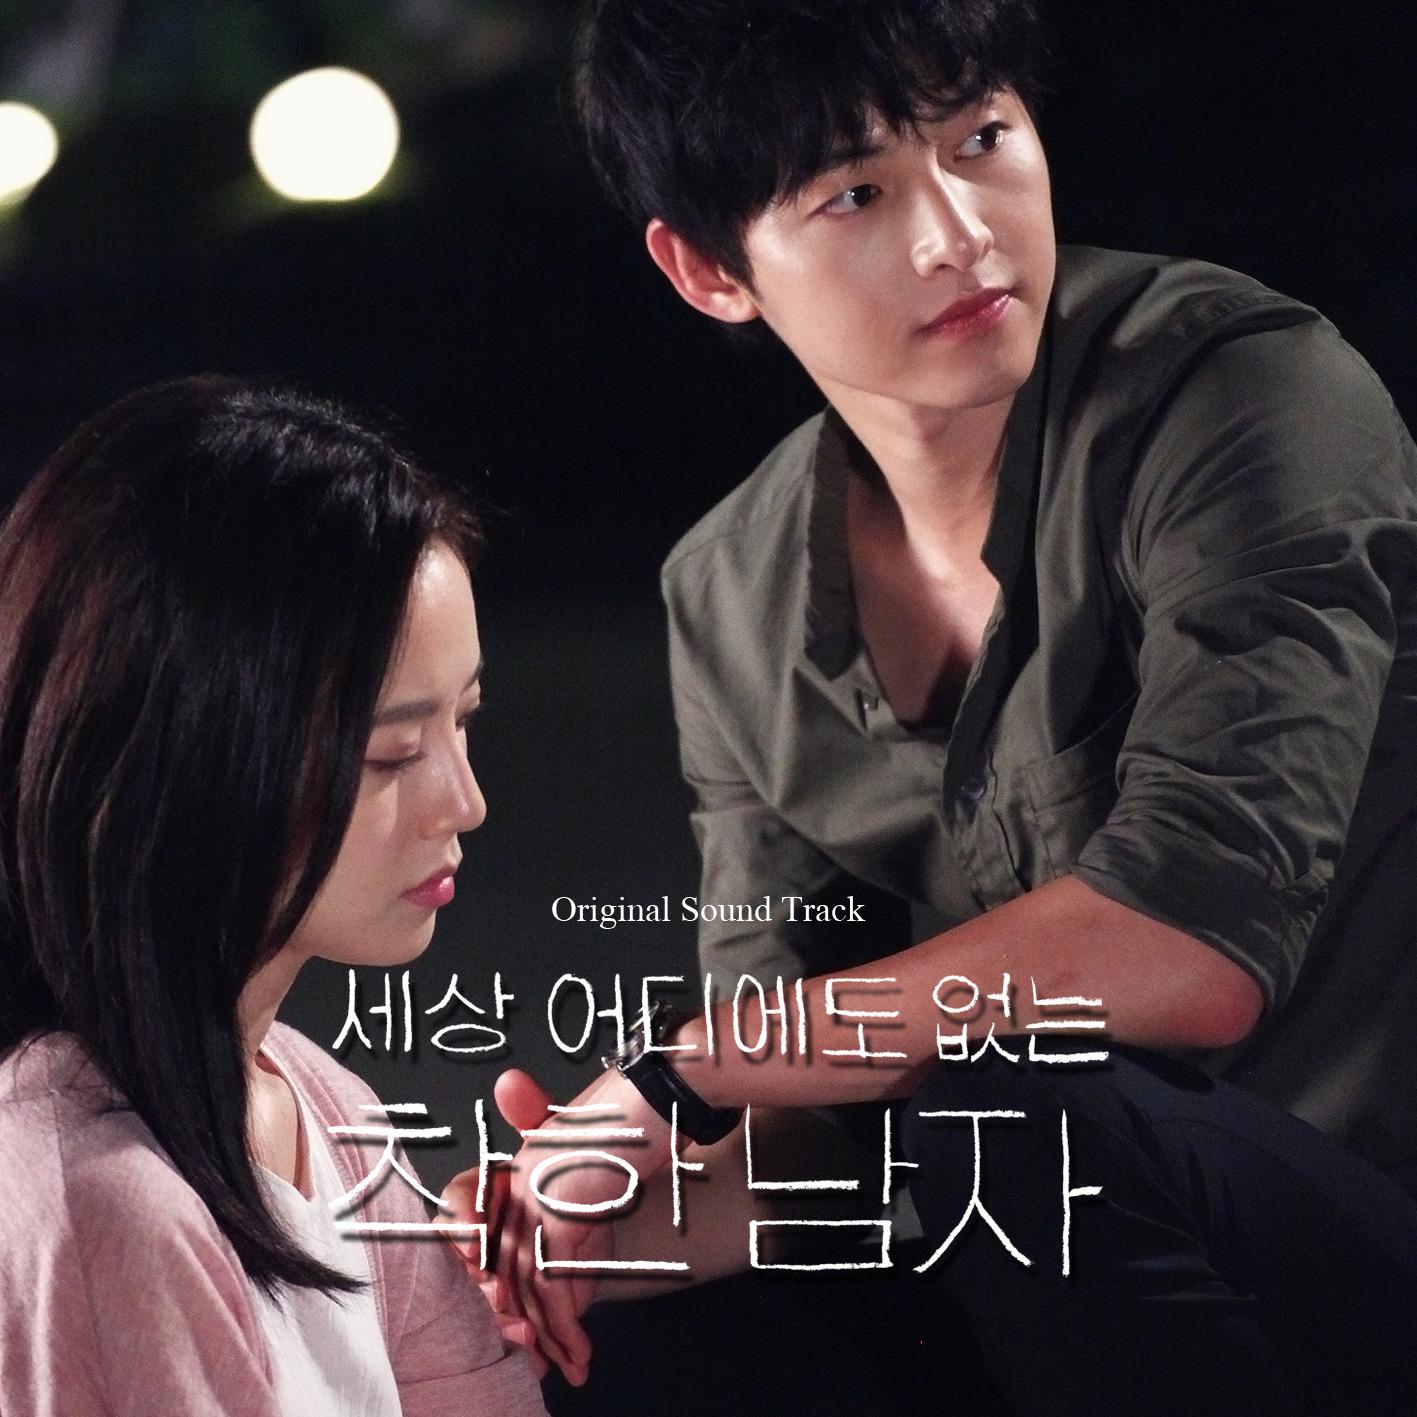 세상 어디에도 없는 착한남자 CD Part.2 (KBS 수목드라마) 앨범정보